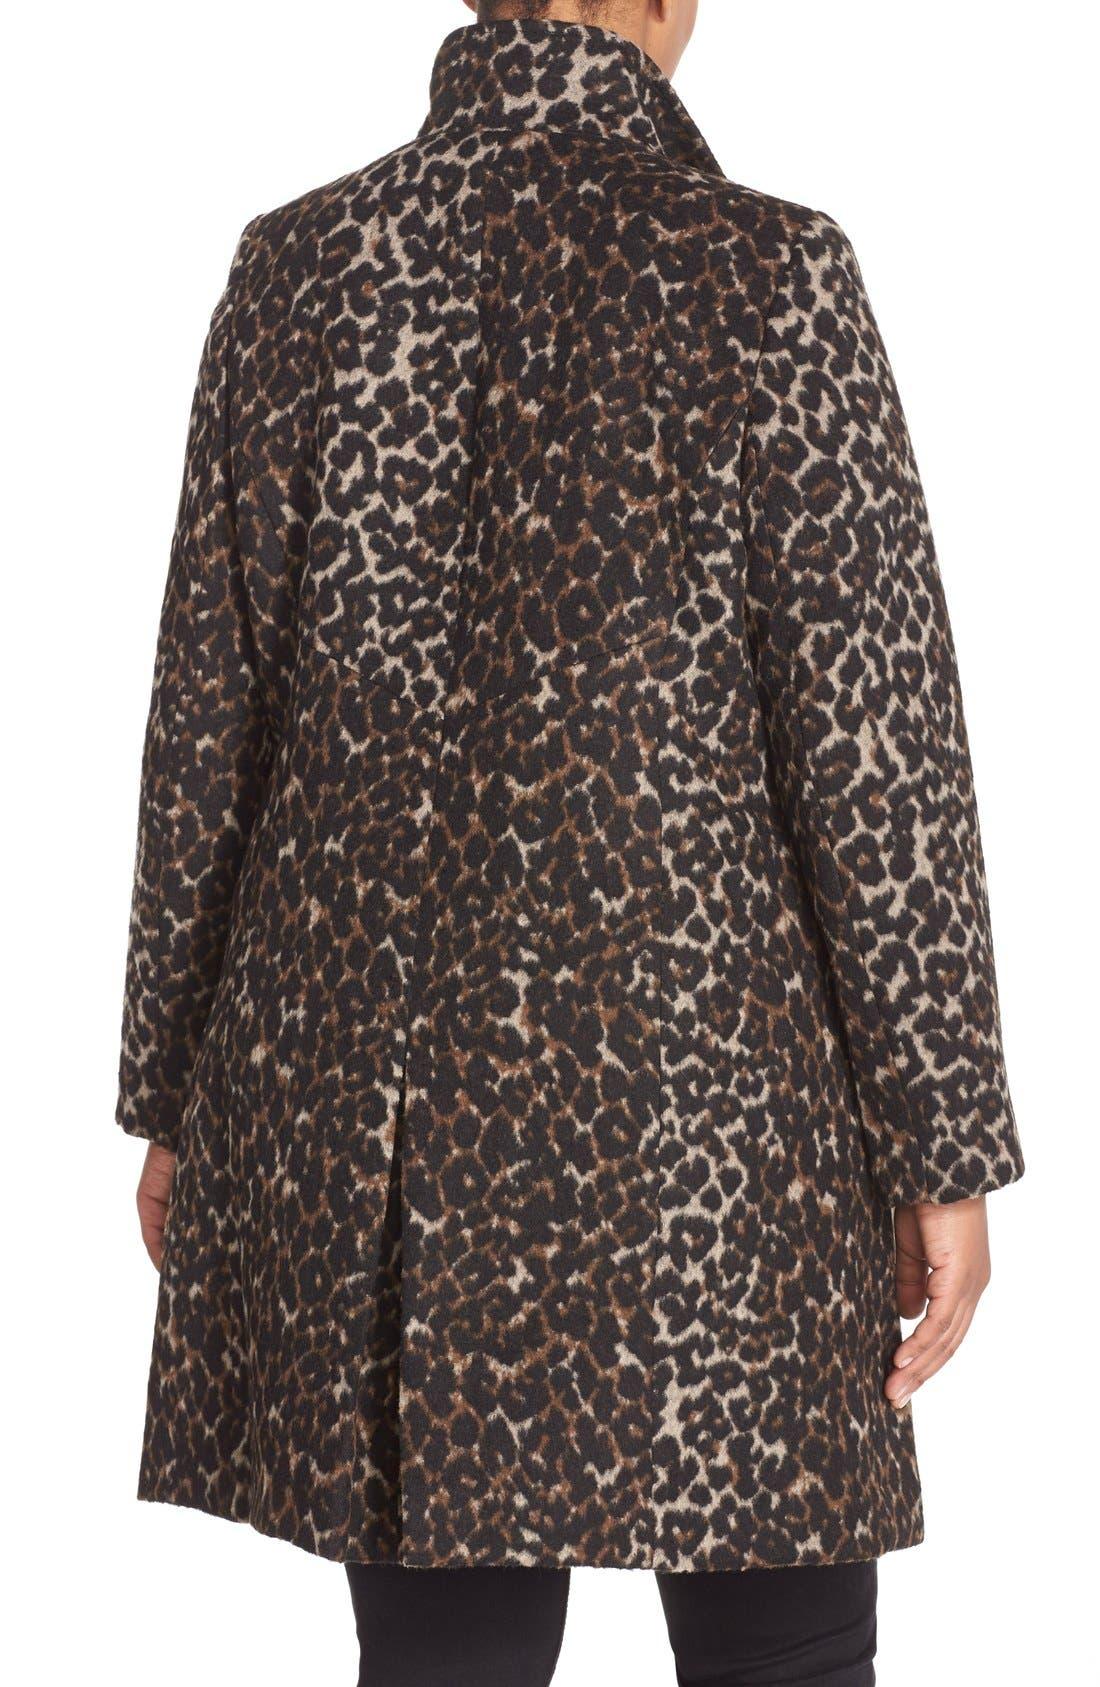 VIA SPIGA, Leopard Print Stand Collar Coat, Alternate thumbnail 2, color, 250